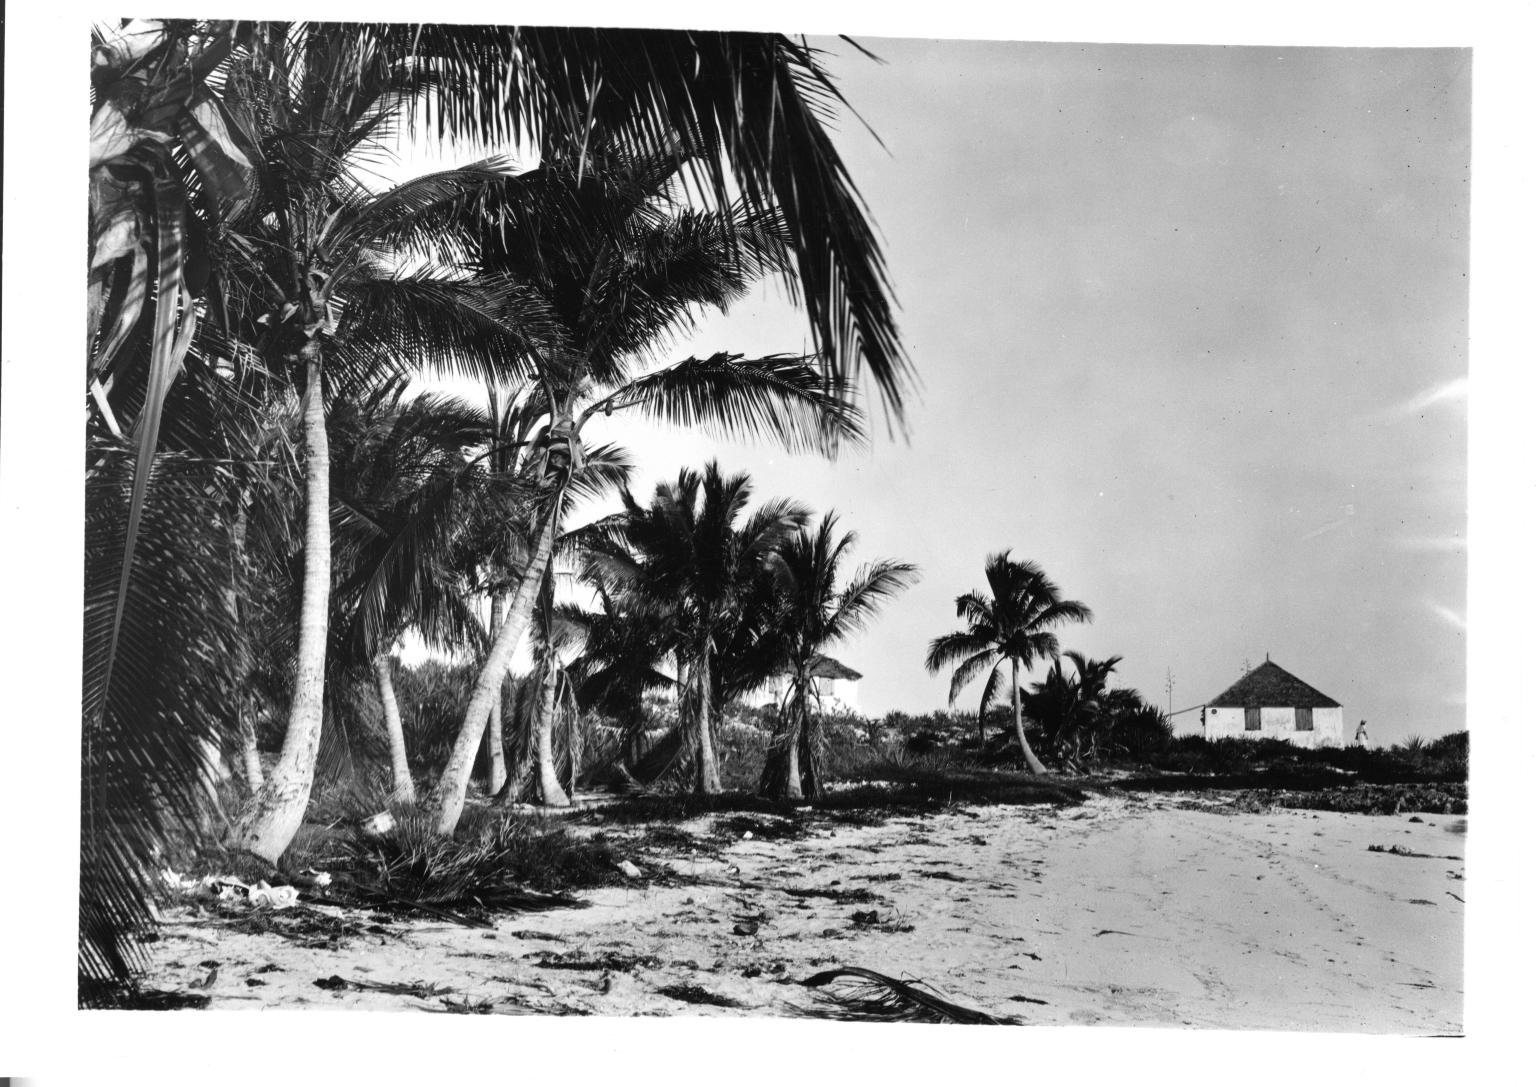 Farmers Cay beach